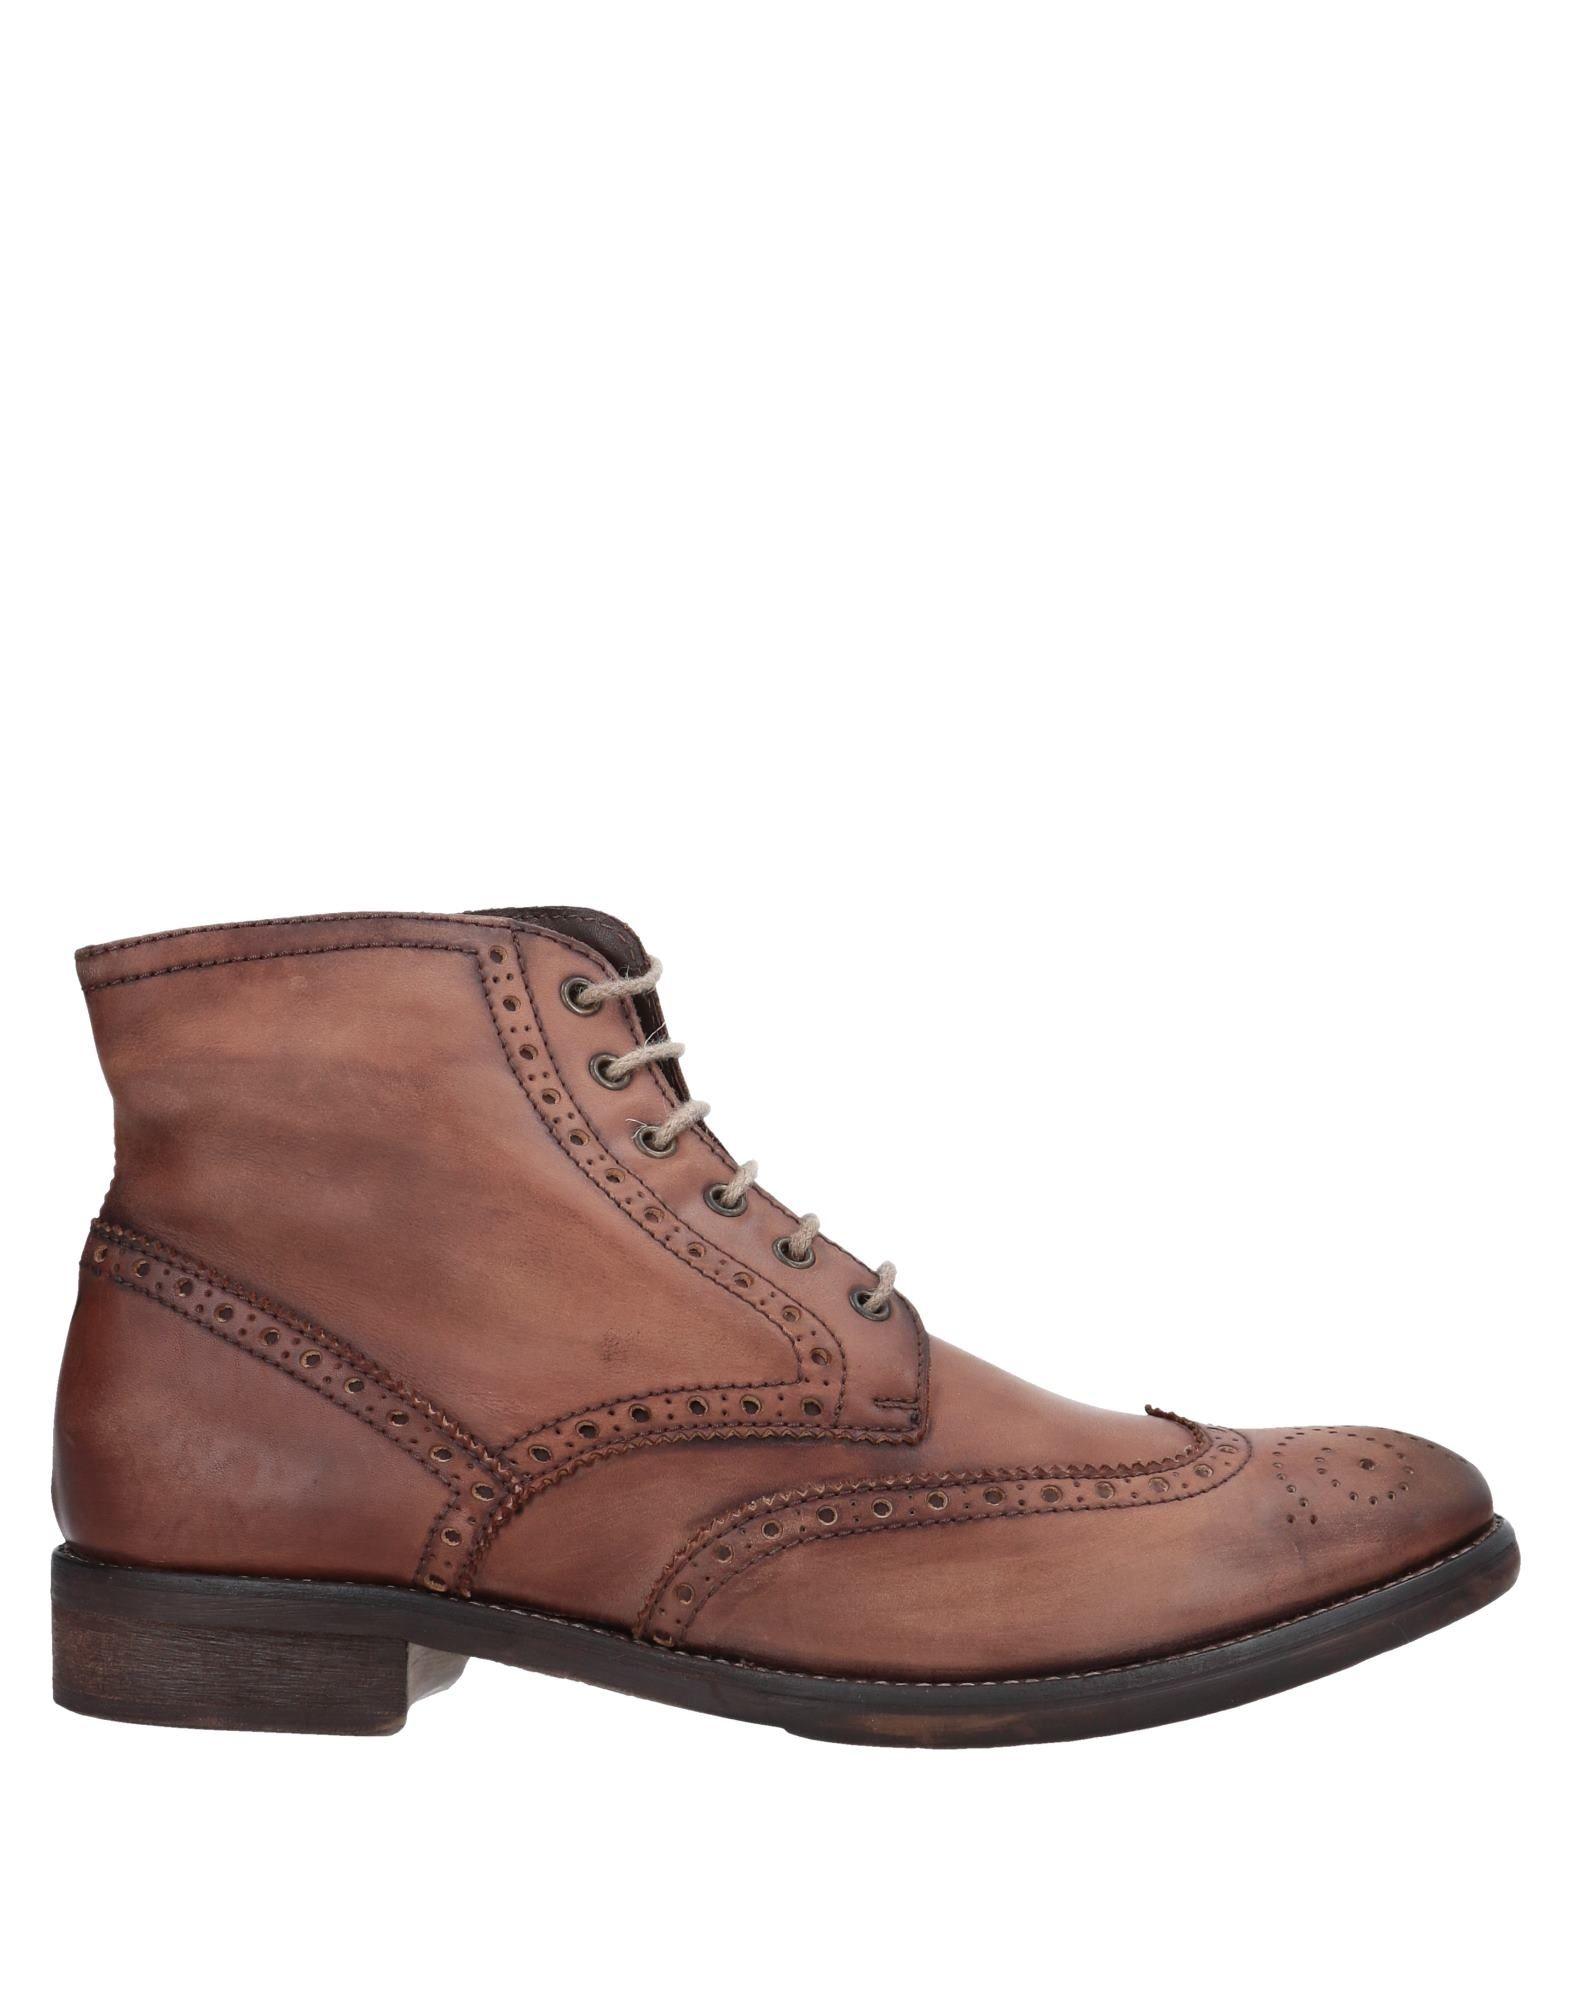 Rabatt echte Schuhe Wexford Stiefelette Herren  11547209DH